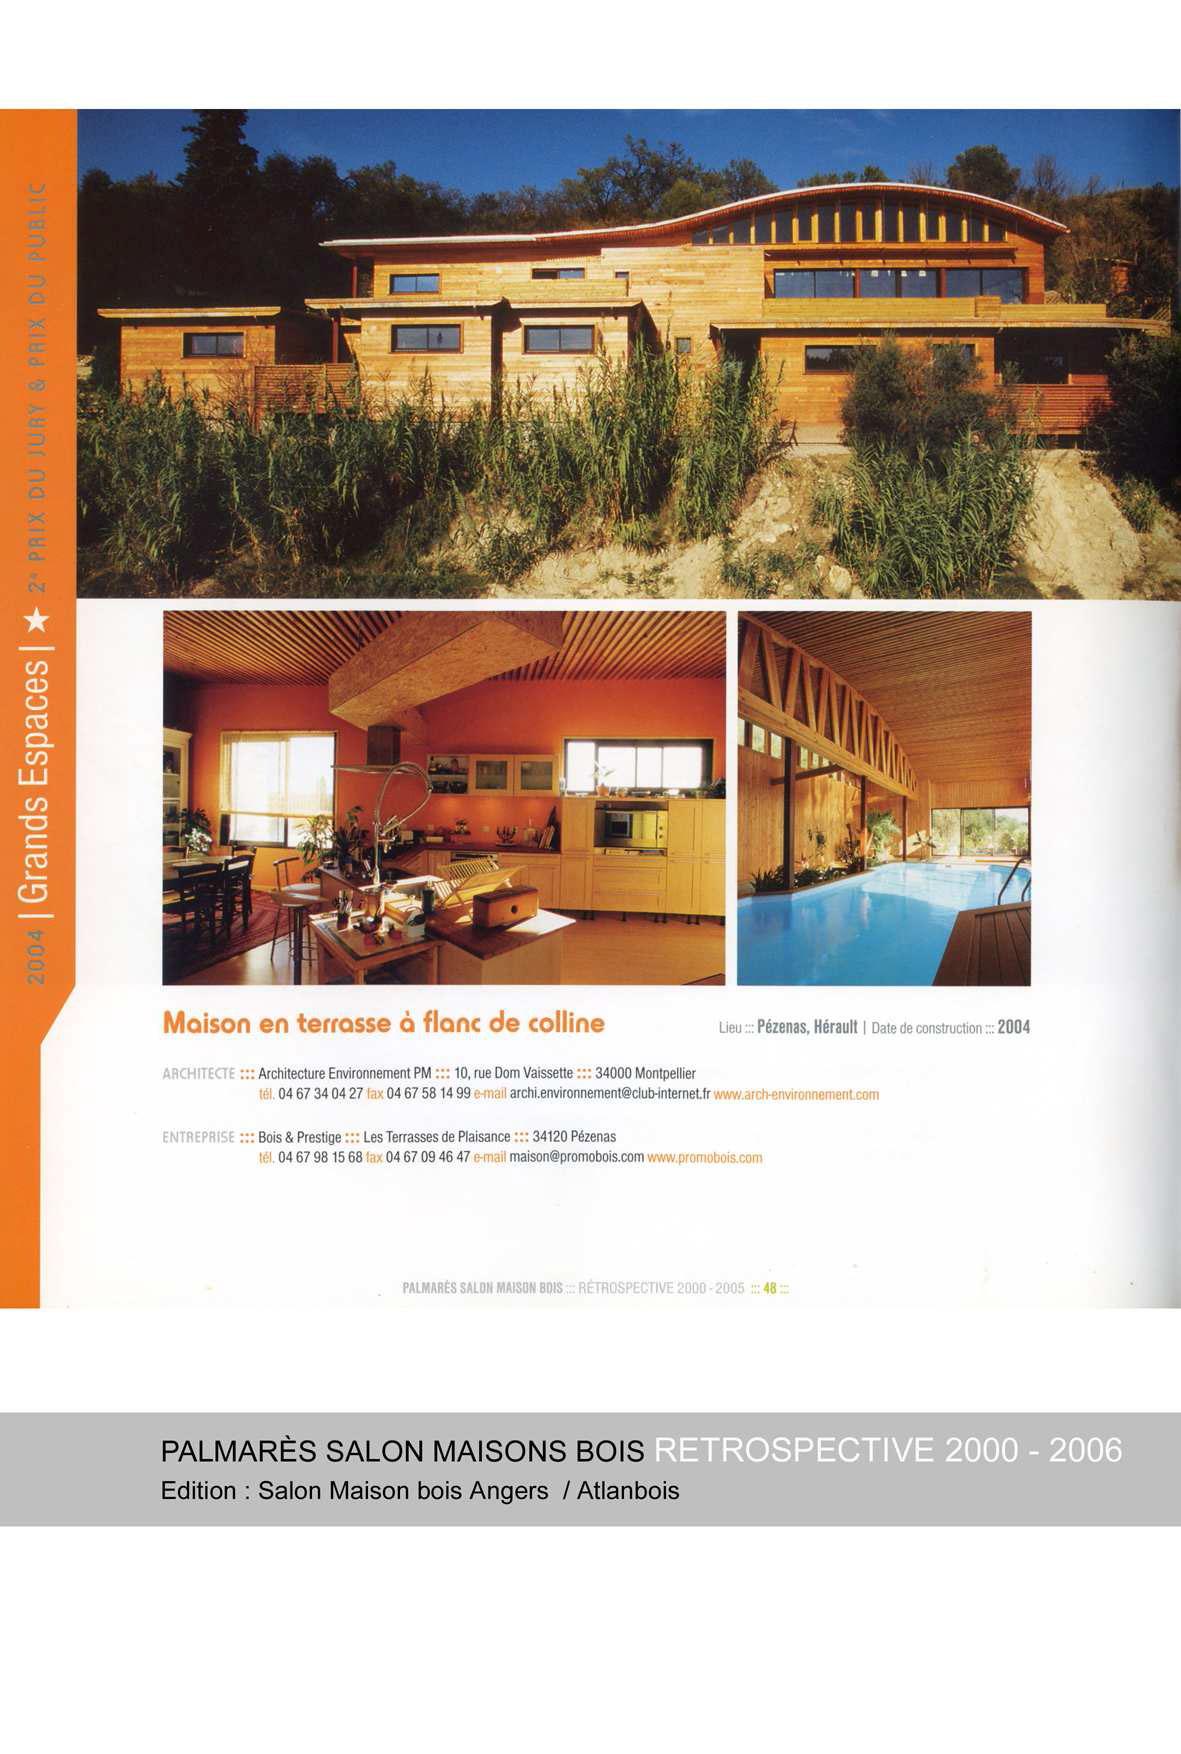 palmares-salon-maison-bois-dangers-retrospective-2000-2005-maison-en-terrasse-a-flanc-de-colline